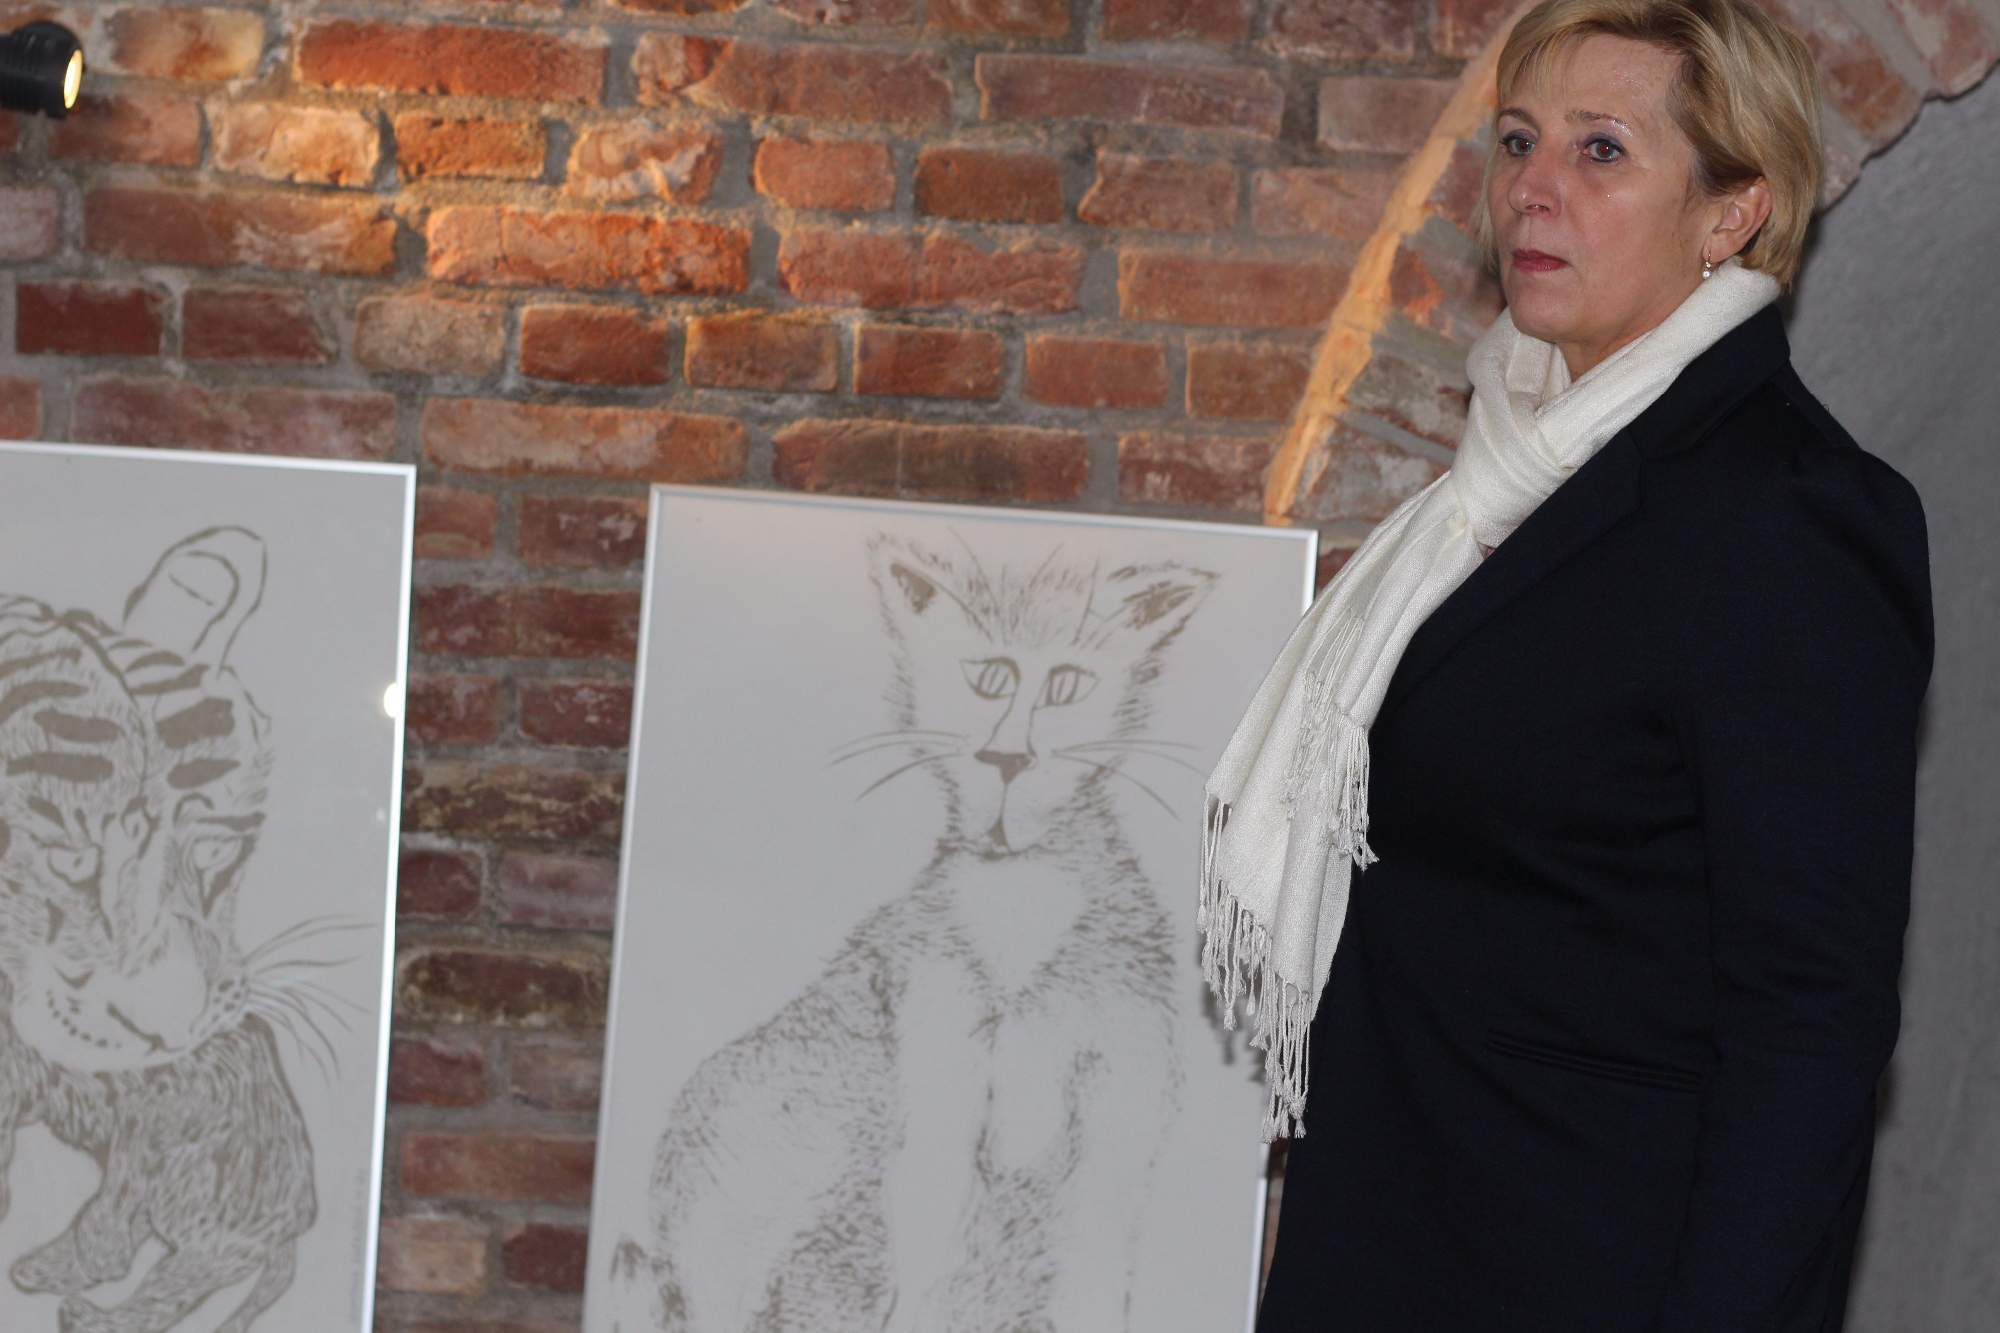 Hana Babyrádová z Katedry výtvarné výchovy Masarykovy univerzity. Foto: Tomáš Siřinek